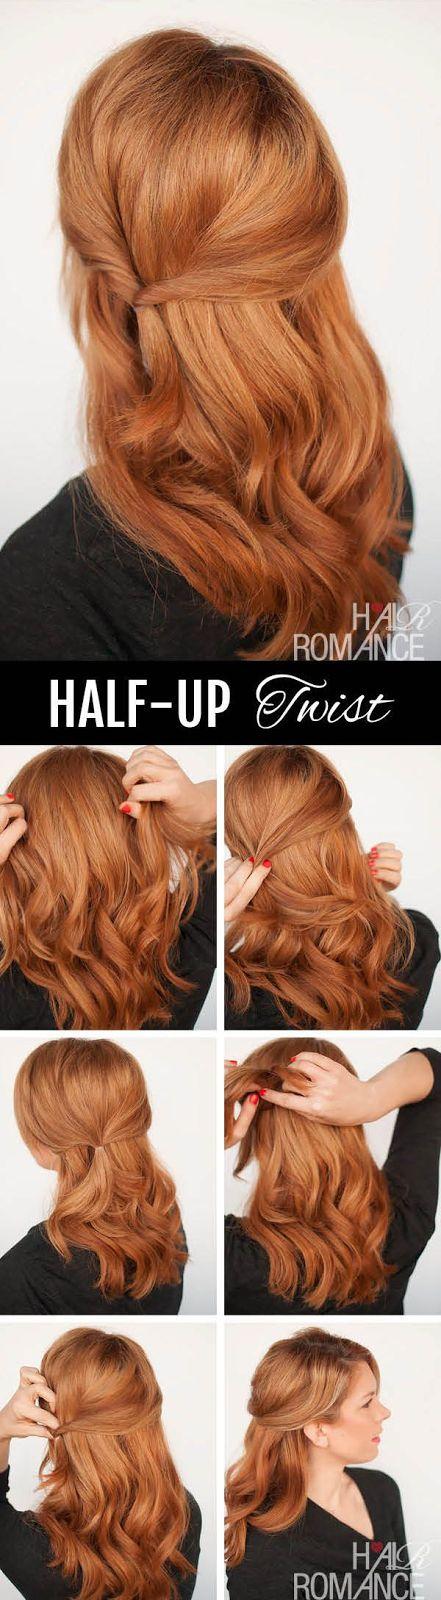 Half-up Twist Hairstyle Tutorial